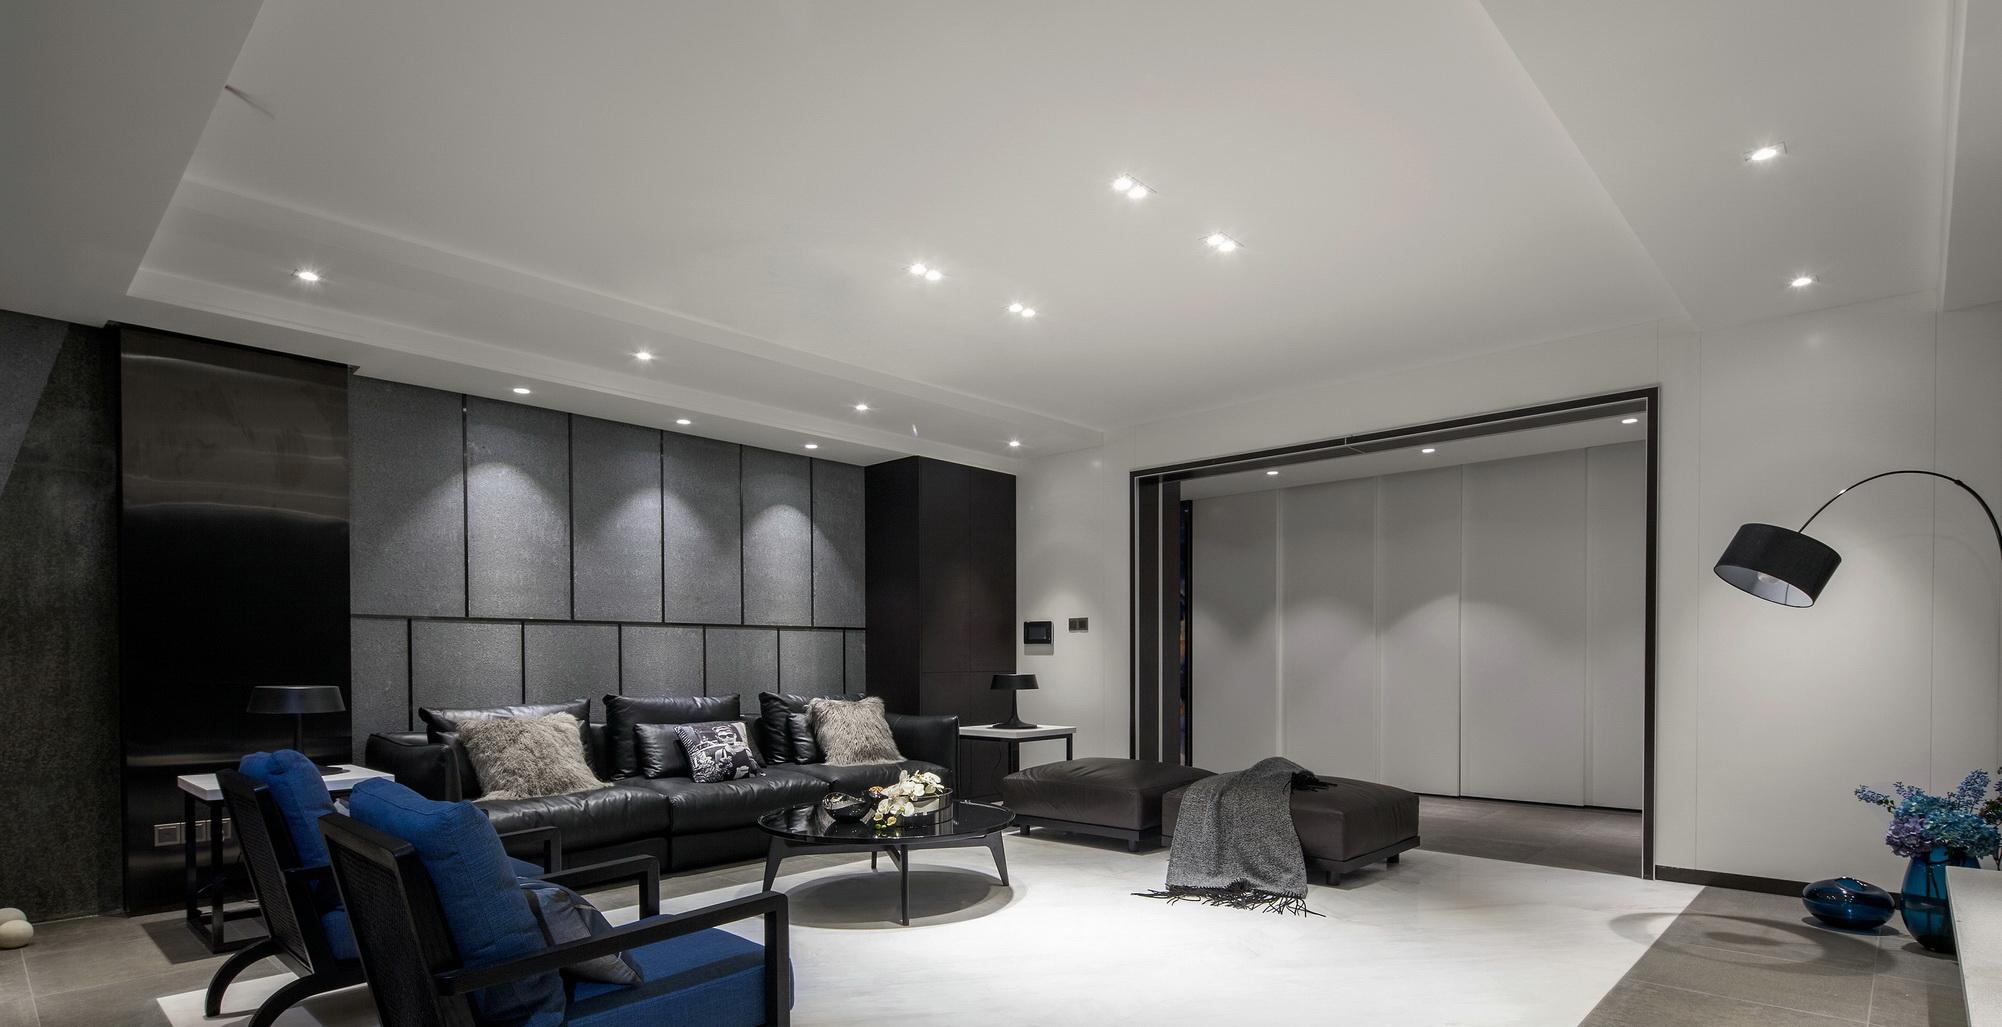 搭配上精美的充满曲线感的软包沙发,更是奢华大气